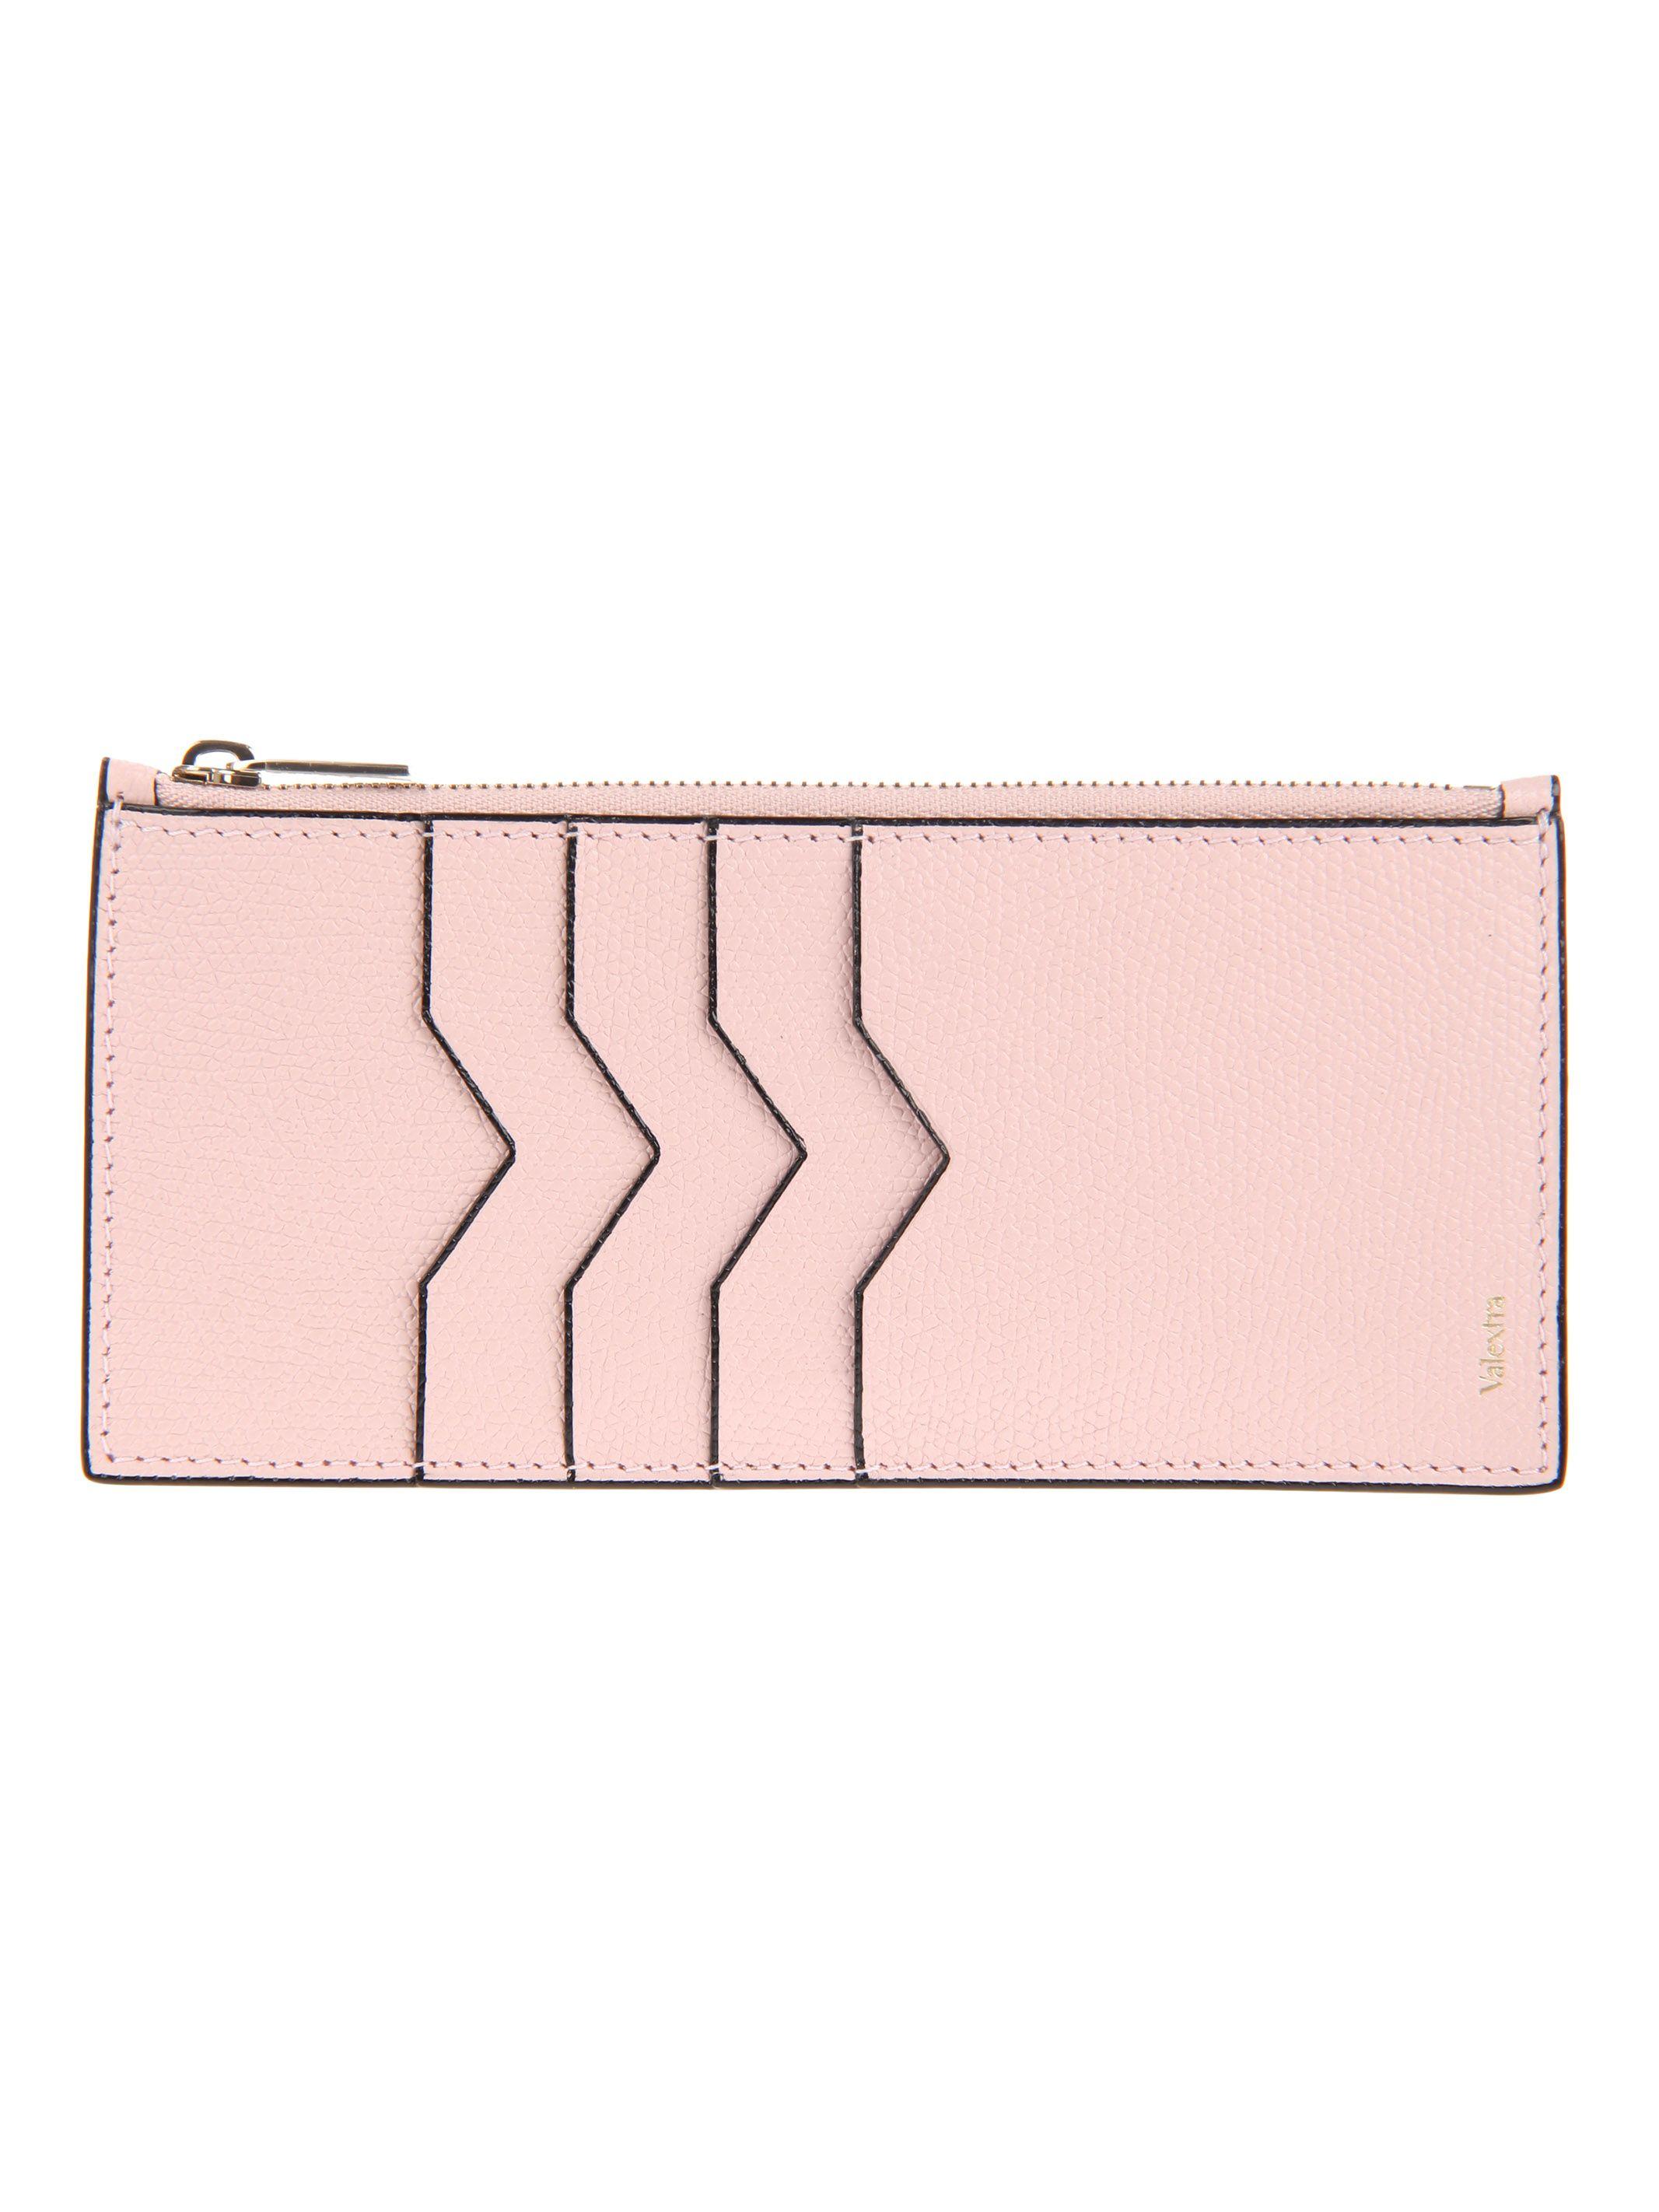 Valextra Zipped Wallet